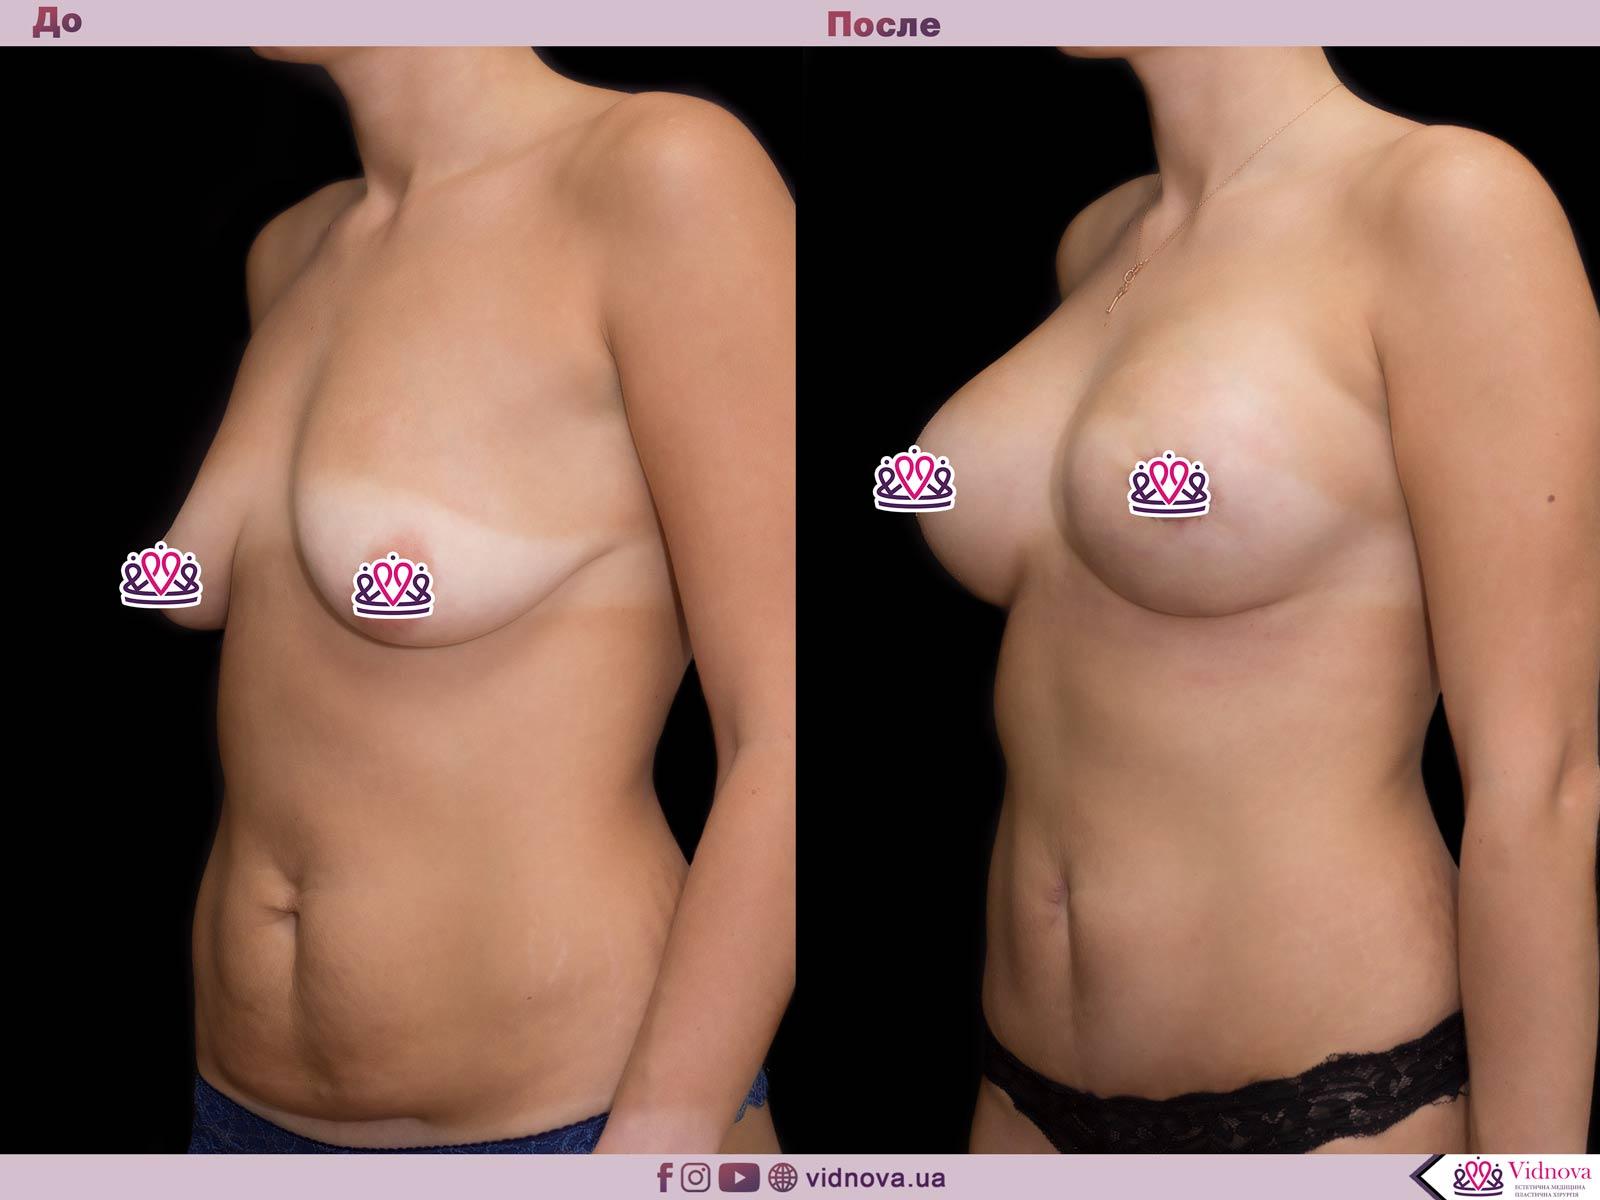 Совмещенные операции: Фото До и После - Пример №5-3 - Клиника Vidnova